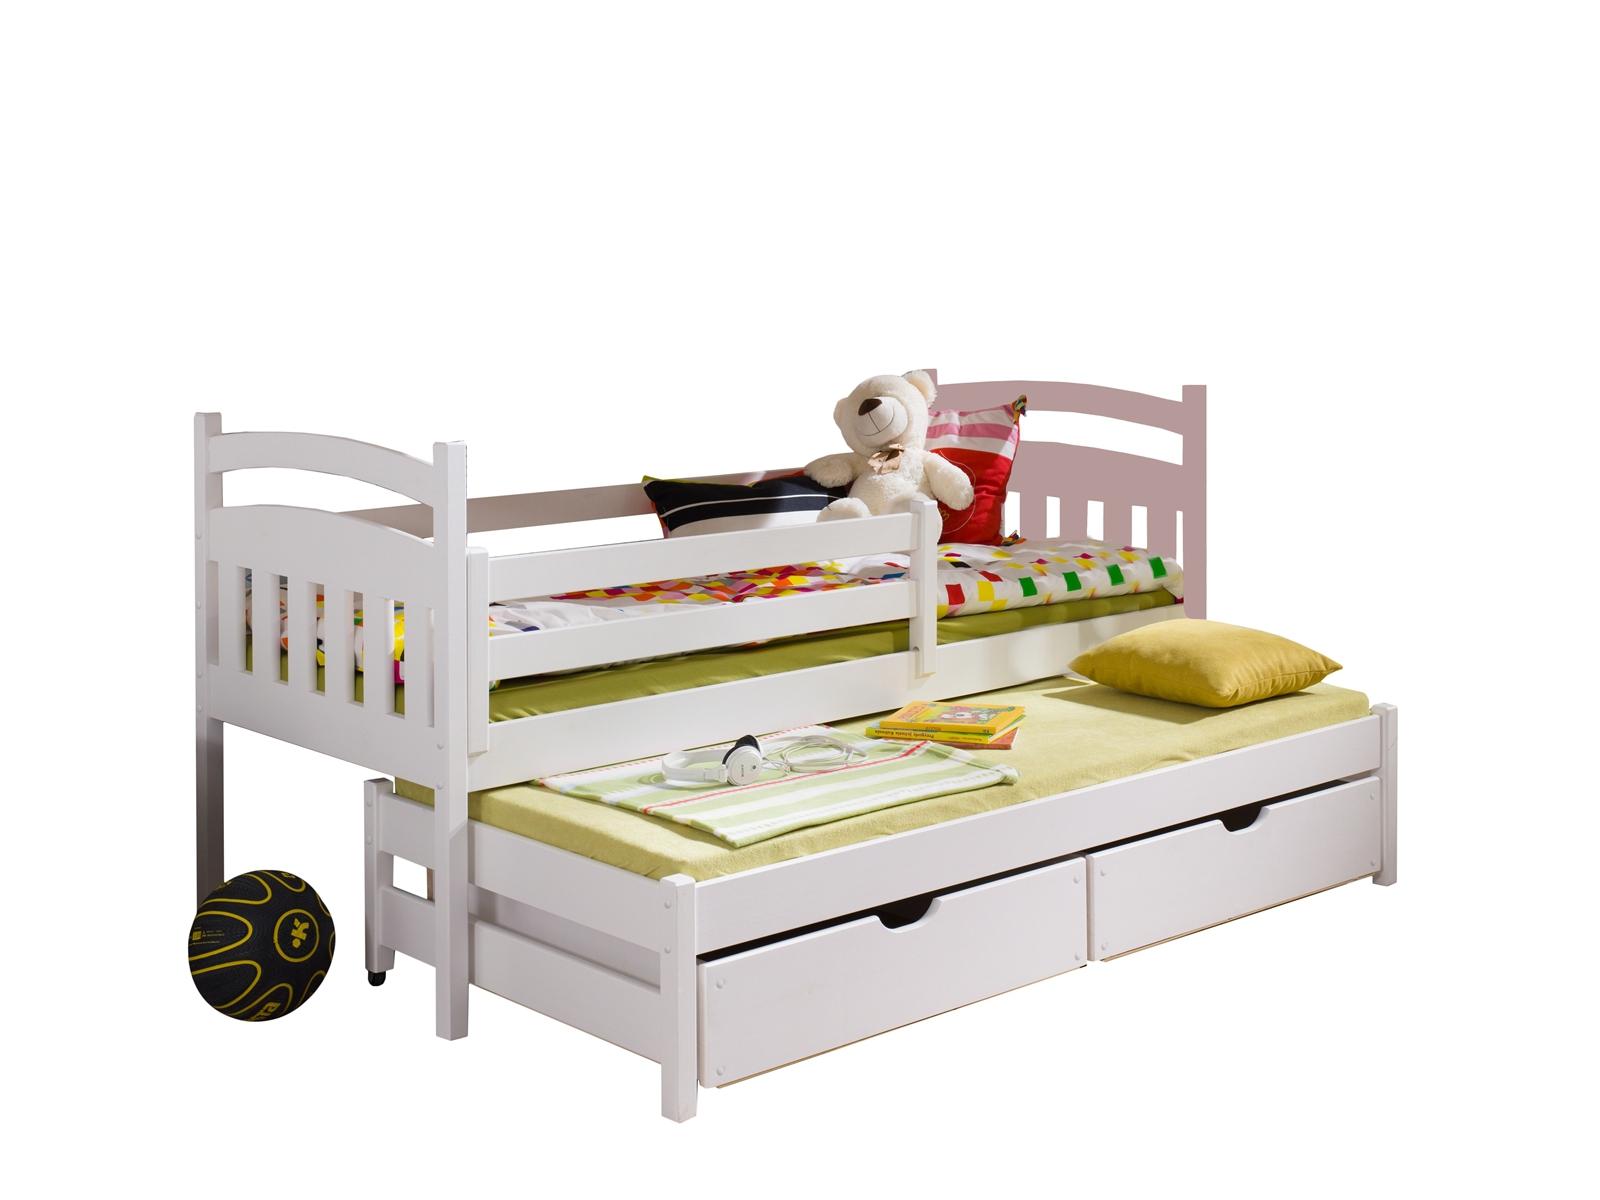 Lano Meble Rozkládací postel Martina s úložným prostorem